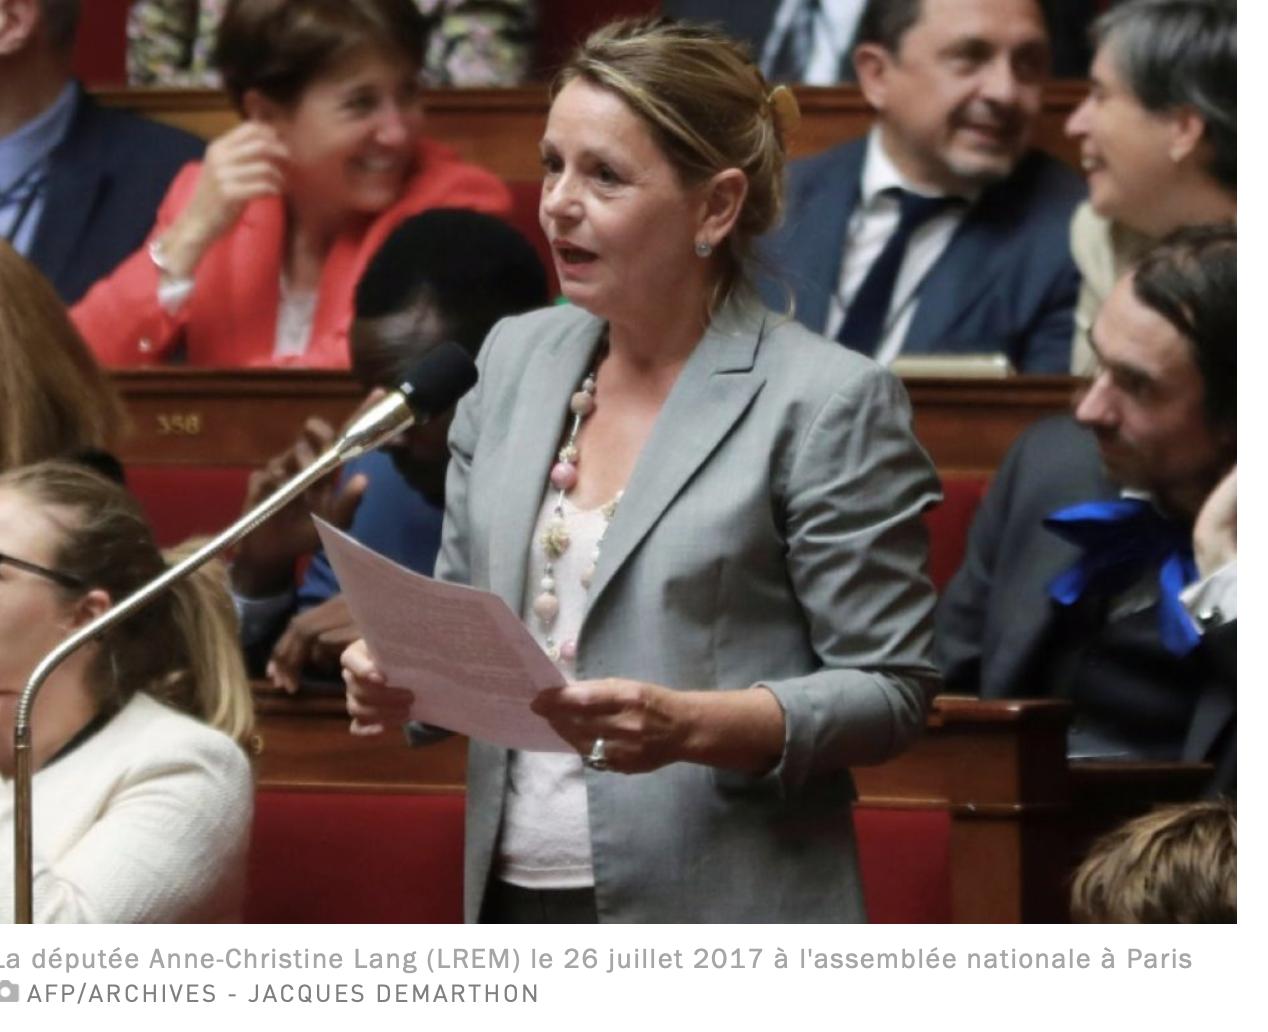 Ferrand choqué, la presse parle des dépenses illégales du député Marie-Christine Lang